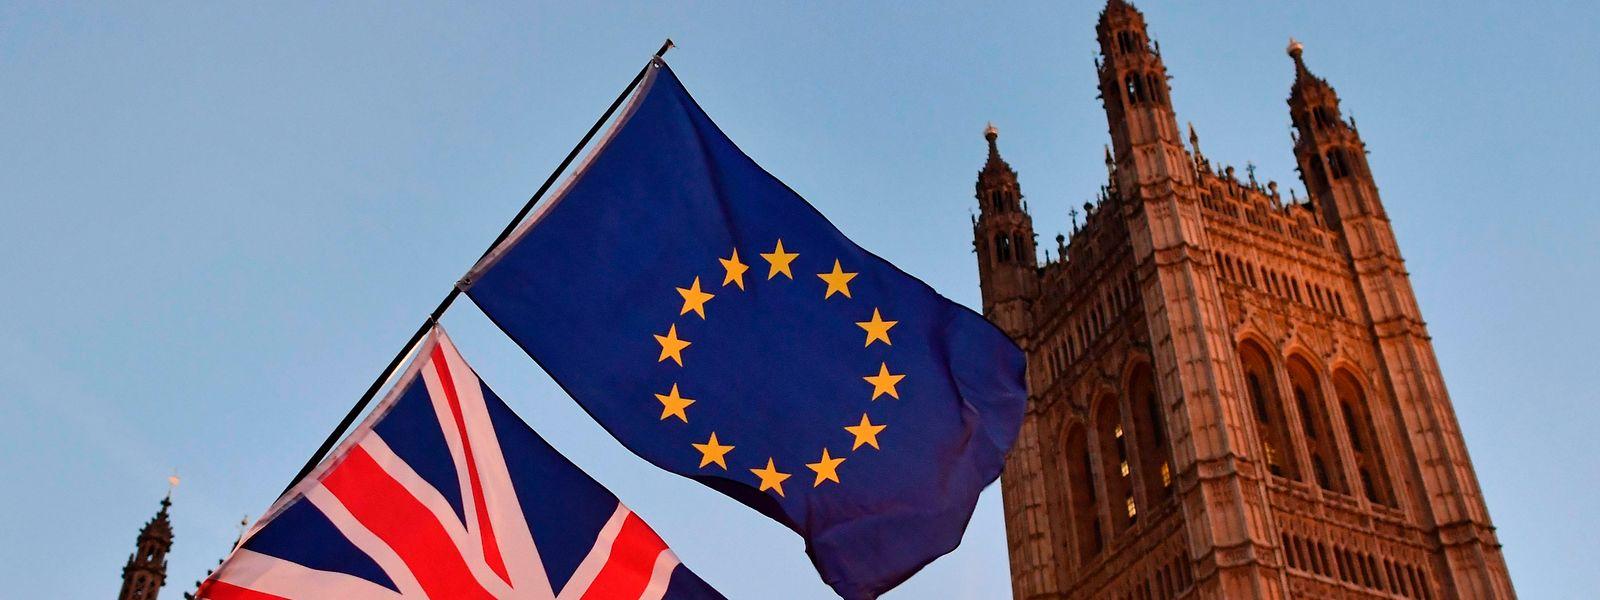 Über die künftigen Beziehungen zwischen Großbritannien und der EU könne erst verhandelt werden, wenn die Austrittsmodalitäten vereinbart seien.